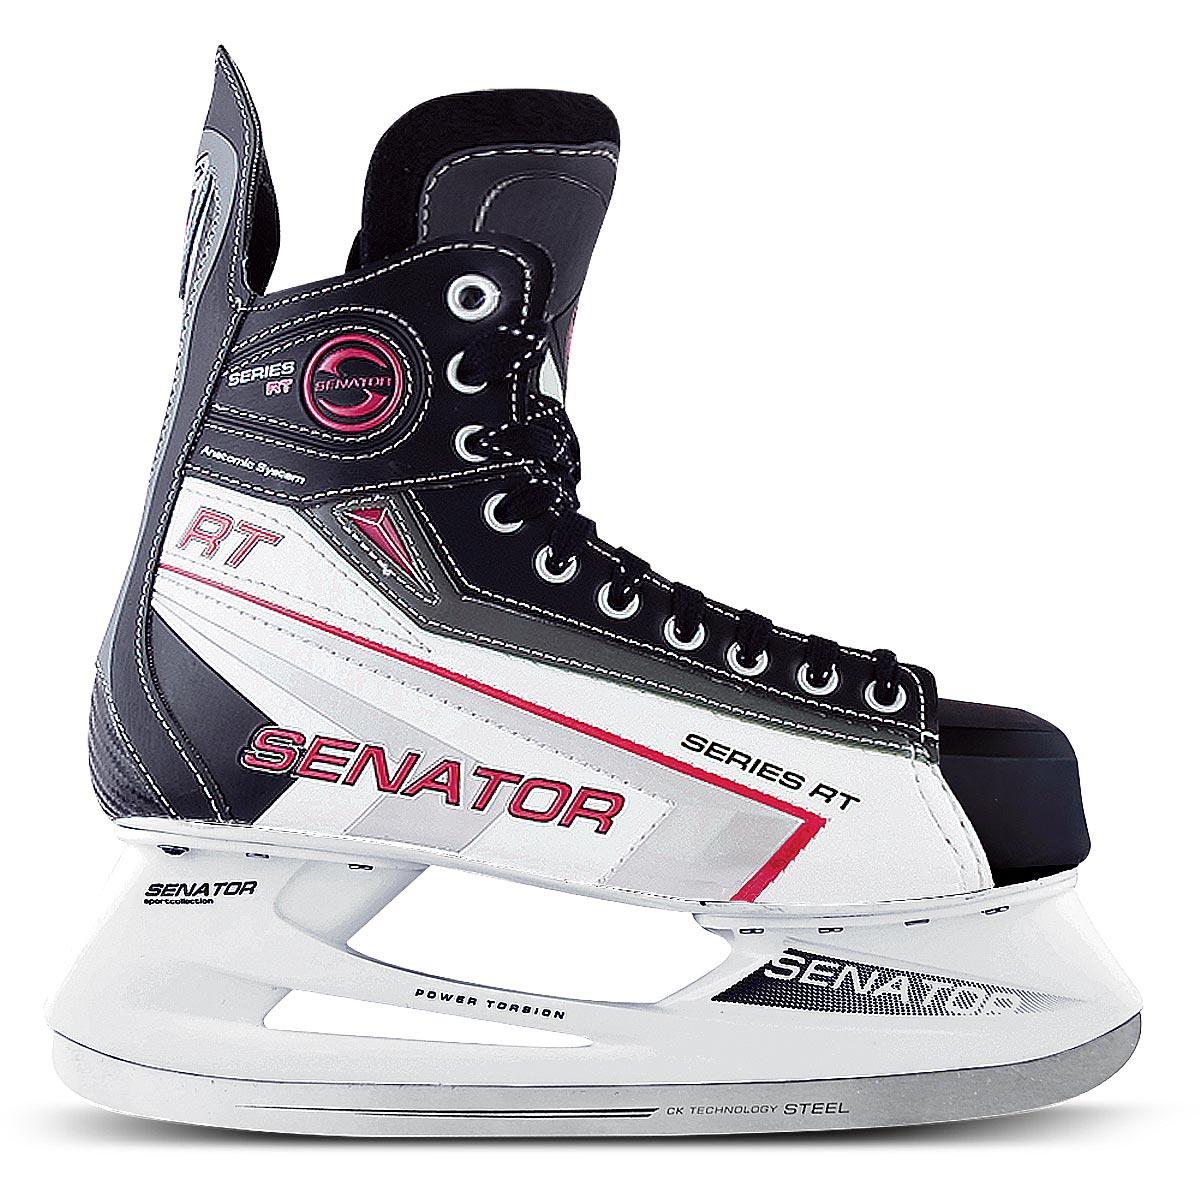 Коньки хоккейные мужские СК Senator RT, цвет: черный, белый. Размер 46SENATOR RT_черный, белый_46Стильные коньки от CK прекрасно подойдут для начинающих игроков в хоккей. Ботинок выполнен из морозоустойчивой искусственной кожи и ПВХ. Мыс дополнен вставкой, которая защитит ноги от ударов. Внутренний слой и стелька изготовлены из мягкого вельвета, который обеспечит тепло и комфорт во время катания, язычок - из войлока. Плотная шнуровка надежно фиксирует модель на ноге. Анатомический голеностоп имеет удобный суппорт. По верху коньки декорированы оригинальным принтом и тиснением в виде логотипа бренда. Подошва - из твердого пластика. Стойка выполнена из ударопрочного поливинилхлорида. Лезвие из нержавеющей стали обеспечит превосходное скольжение. Оригинальные коньки придутся вам по душе.